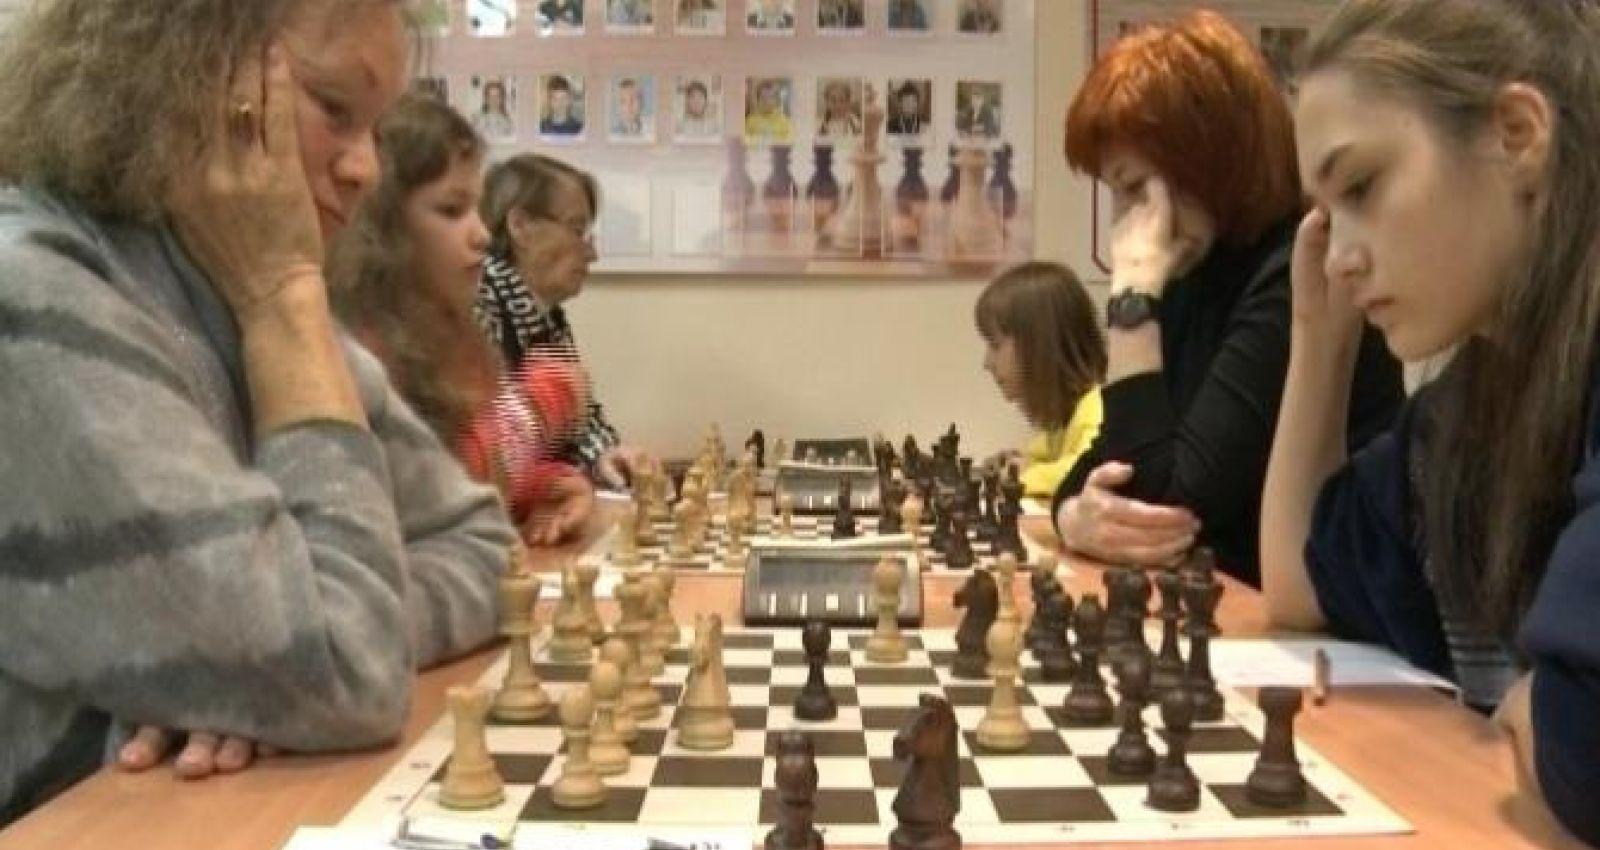 были первенство алтайского края по шахматам фото эпителиальные опухоли